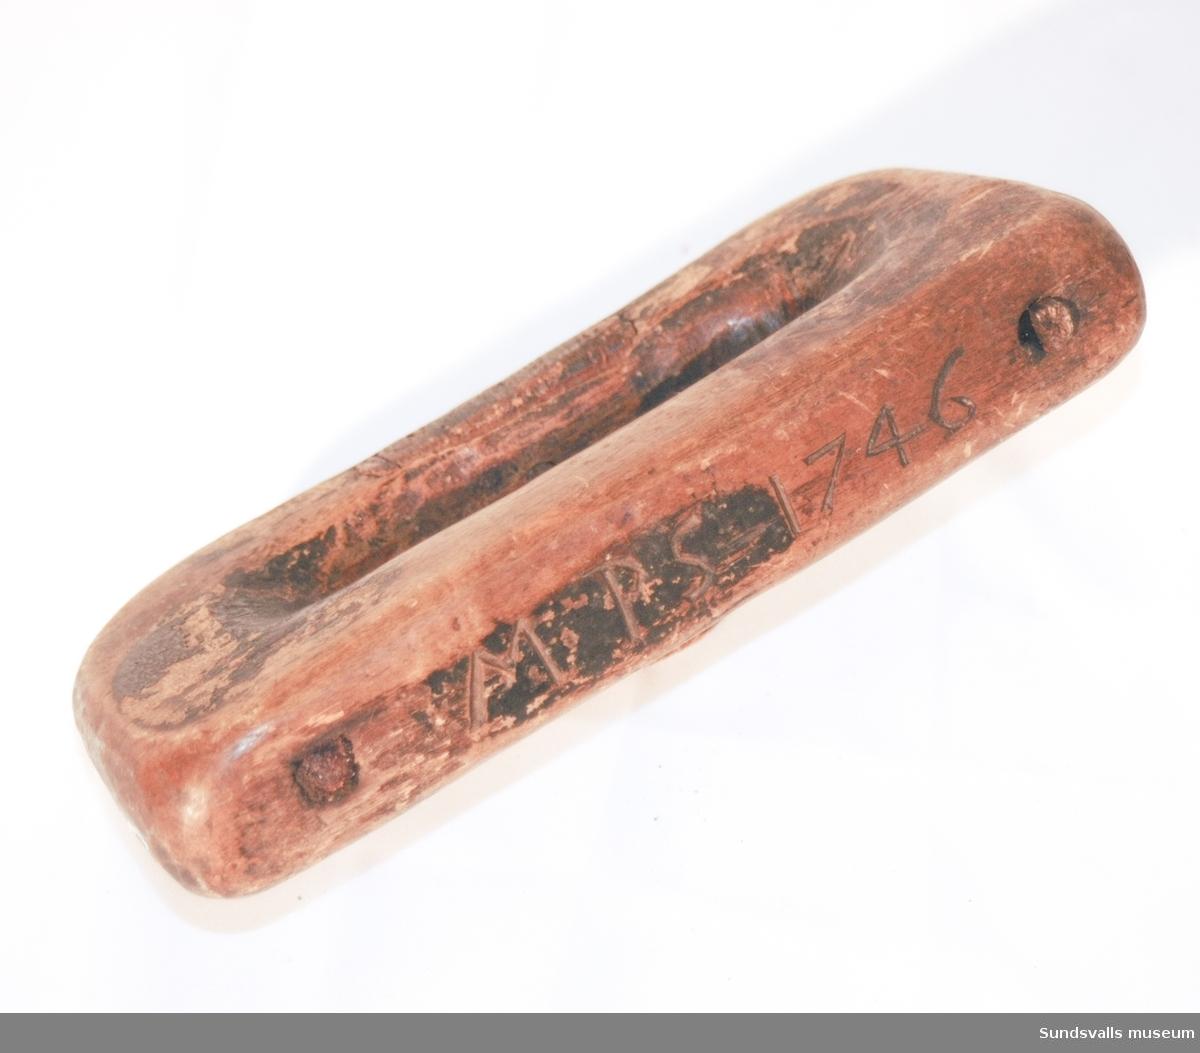 Redskap, eventuellt för läder- eller skinnberedning, utformat som ett hantag med en bågformad slipad 'kniv' framtill. Märkning skuren i träet 'MPS 1746'. Enligt anteckning kommer redskapet kanske från Stöde.